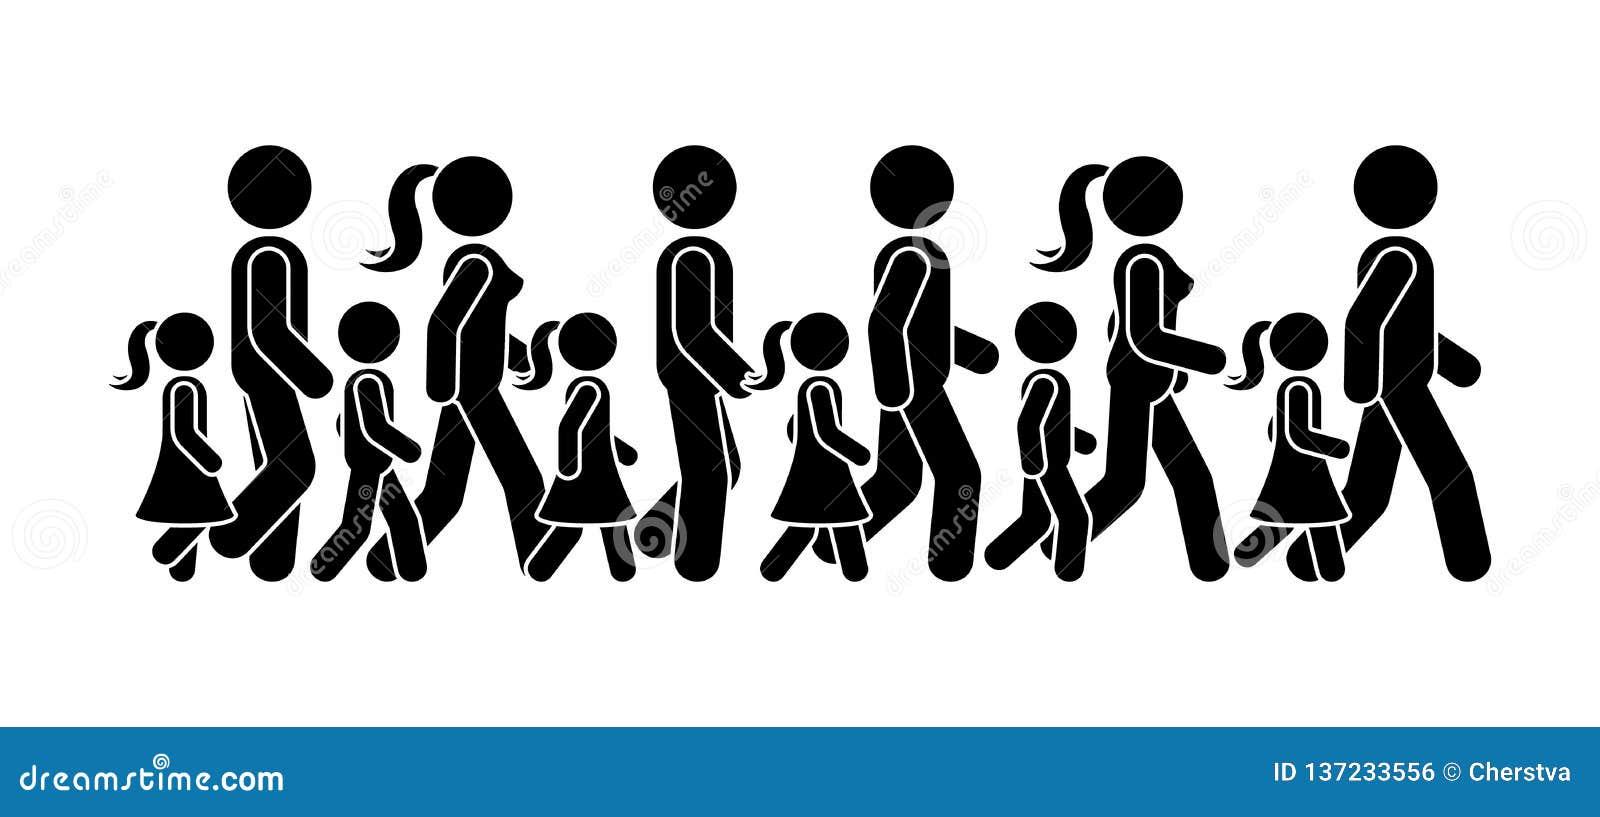 Διανυσματικό εικονόγραμμα εικονιδίων ομάδων ανθρώπων περπατήματος αριθμού ραβδιών Άνδρας, γυναίκα και παιδιά που κινούν το μπροστ